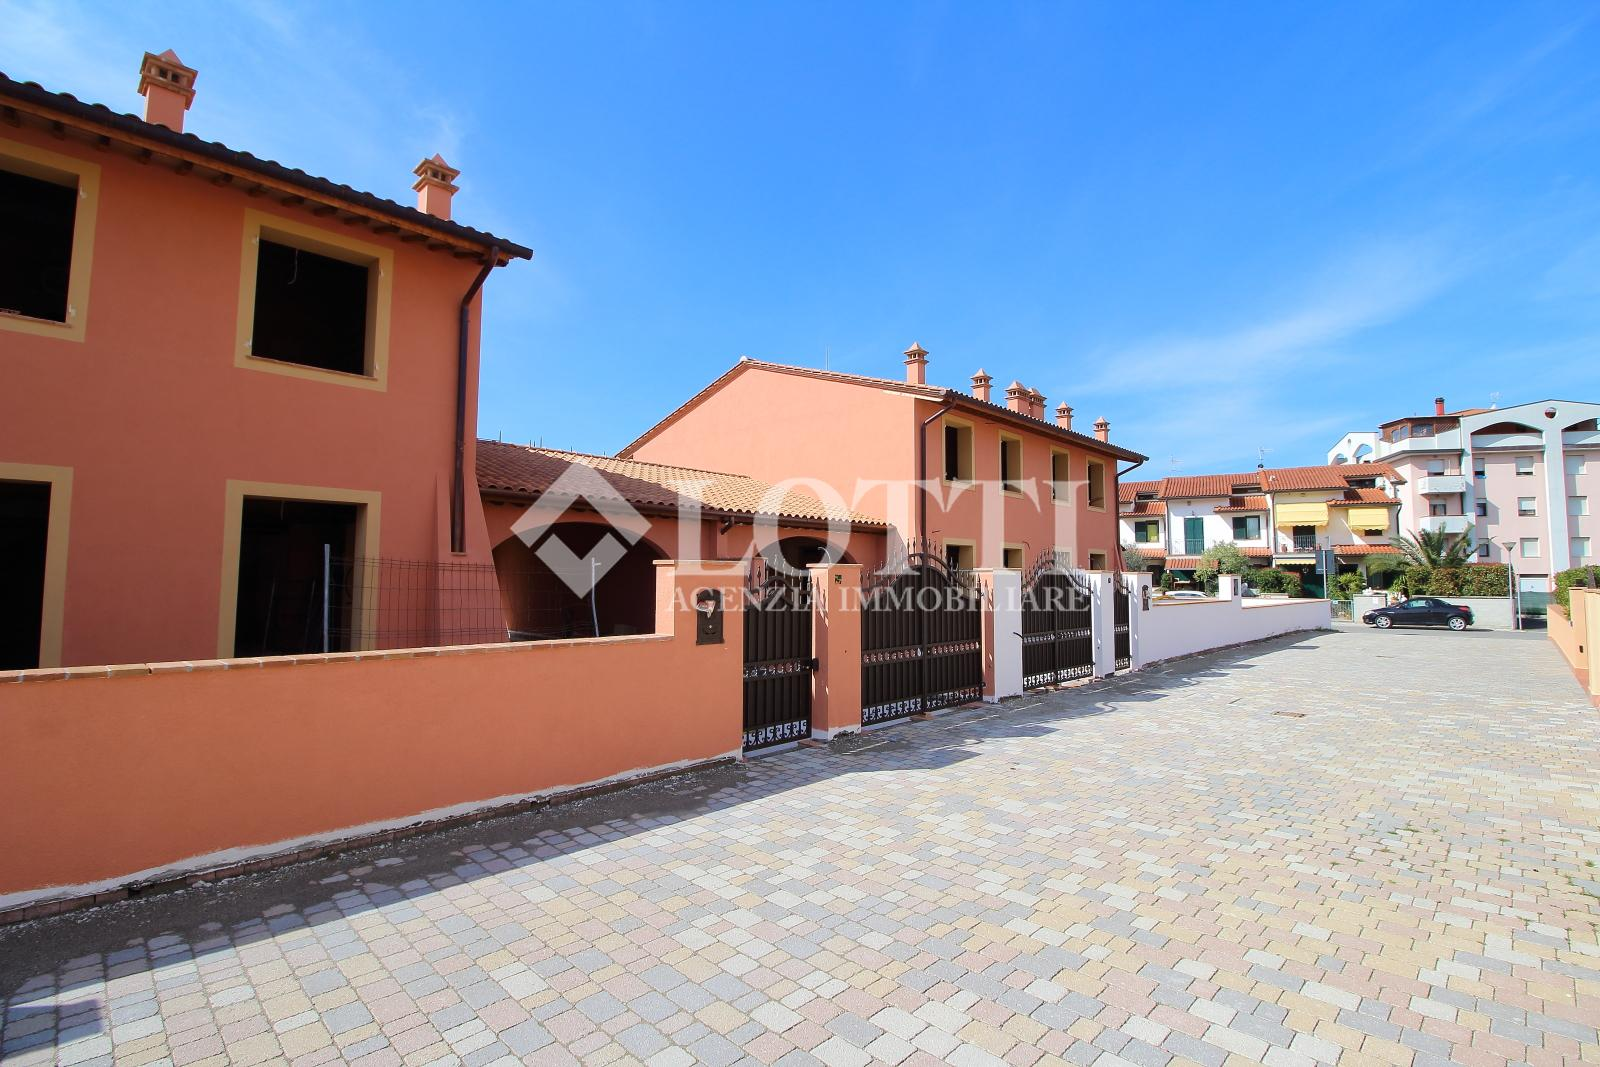 Appartamento in vendita, rif. 62-B